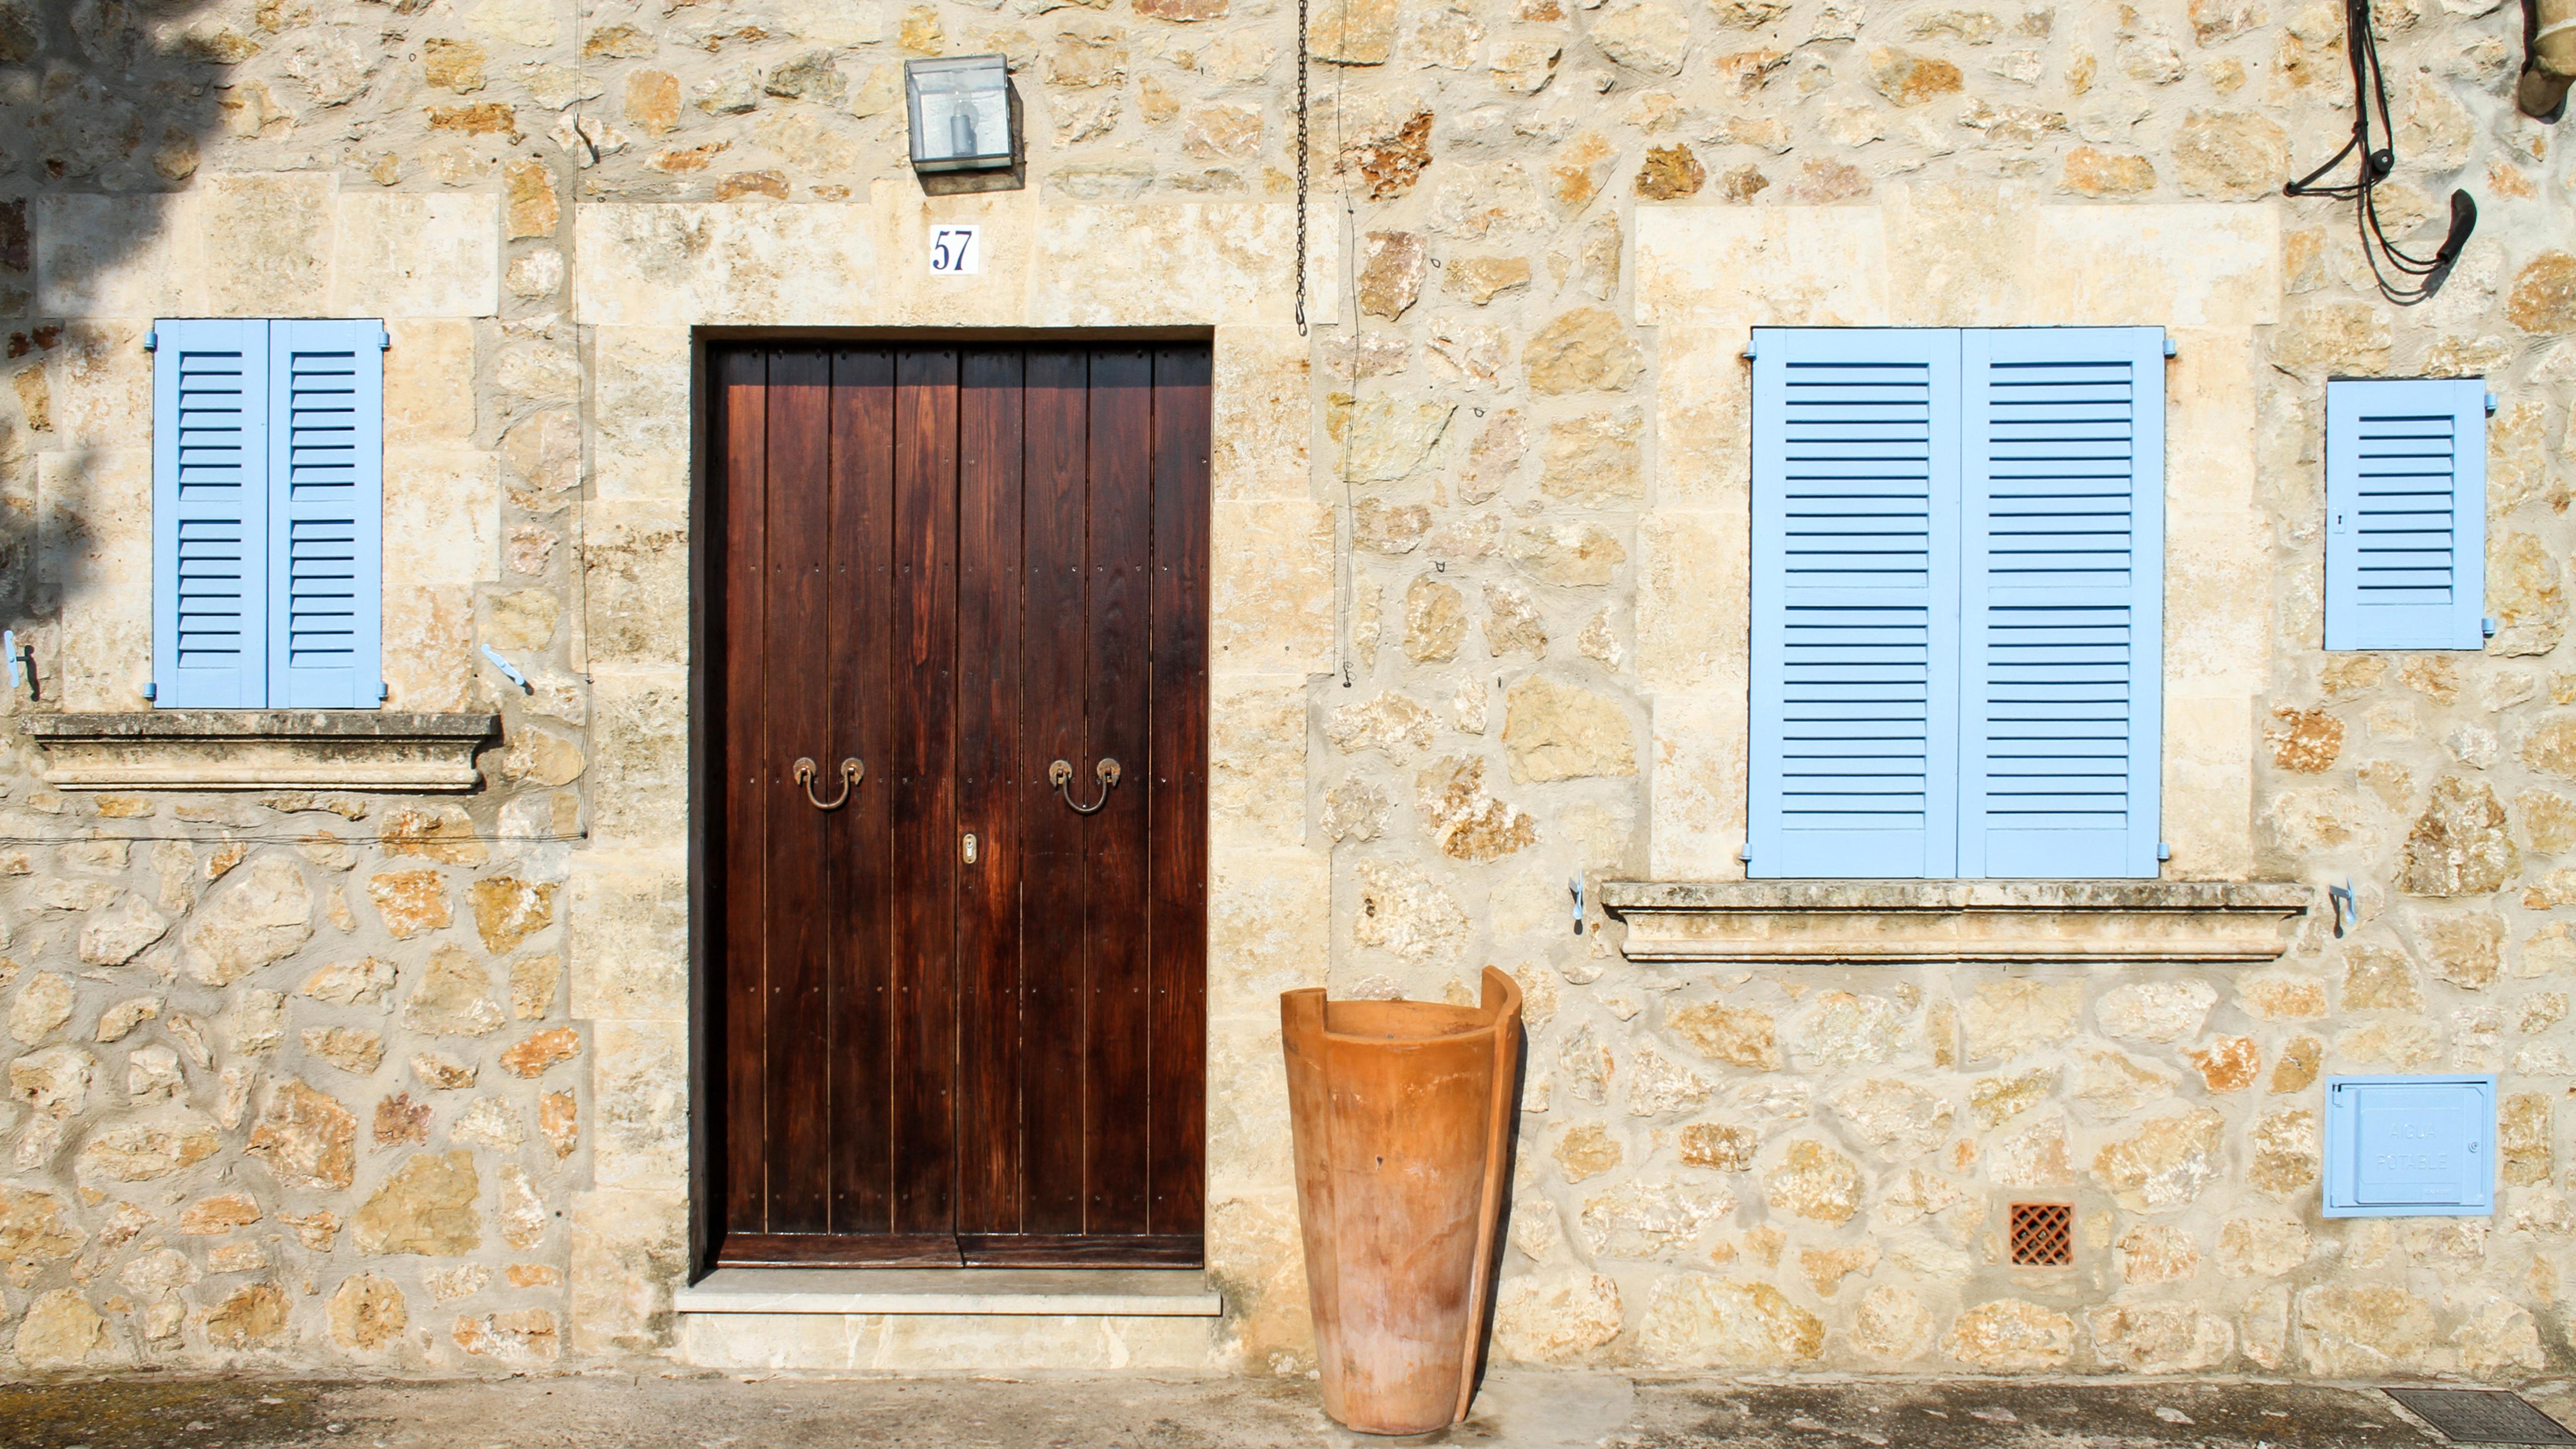 GREAT AG: Immobilien-Erstkäufer sollten diese Fehler vermeiden